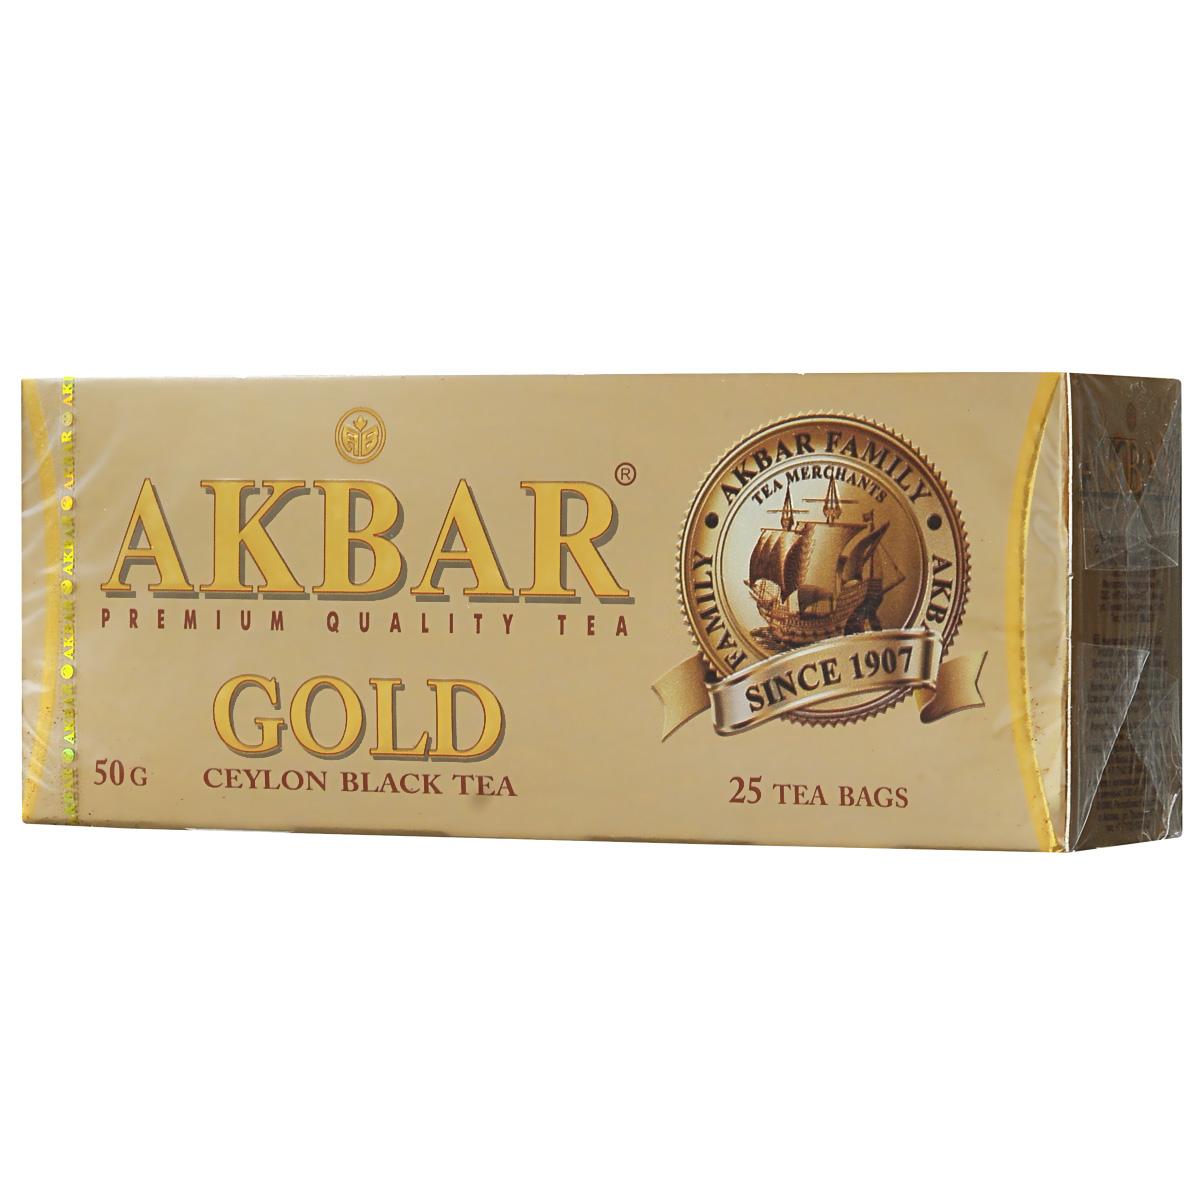 Akbar Gold черный чай в пакетиках, 25 шт1041135Черный чай Akbar Gold отличается исключительным ароматом и цветом настоя, особой яркости которого во многом способствует высокое содержание в листьях теафлавина. Отборные сорта чая, используемого для производства этого уникального купажа, бережно выращиваются на всемирно известных плантациях, которые находятся в окутанных холодным туманом горах Nuwara Eliya и Dimbulla. Nuwara Eliya (в переводе Над облаками) – овальное плато, лежащее на высоте 6,240 футов над уровнем моря – самая высокая область выращивания чая, который за его изысканный букет вкуса и аромата часто называют шампанским цейлонского чая. Первые плантации в провинции Dimbulla, расположенной на западном склоне гор на высоте 3500 – 5000 футов над уровнем моря, появились еще в 70-х годах XIX века. Юго-западные муссонные дожди и прохладная погода с января по март оказывают огромное влияние на особые вкусовые характеристики выращиваемого здесь чая.